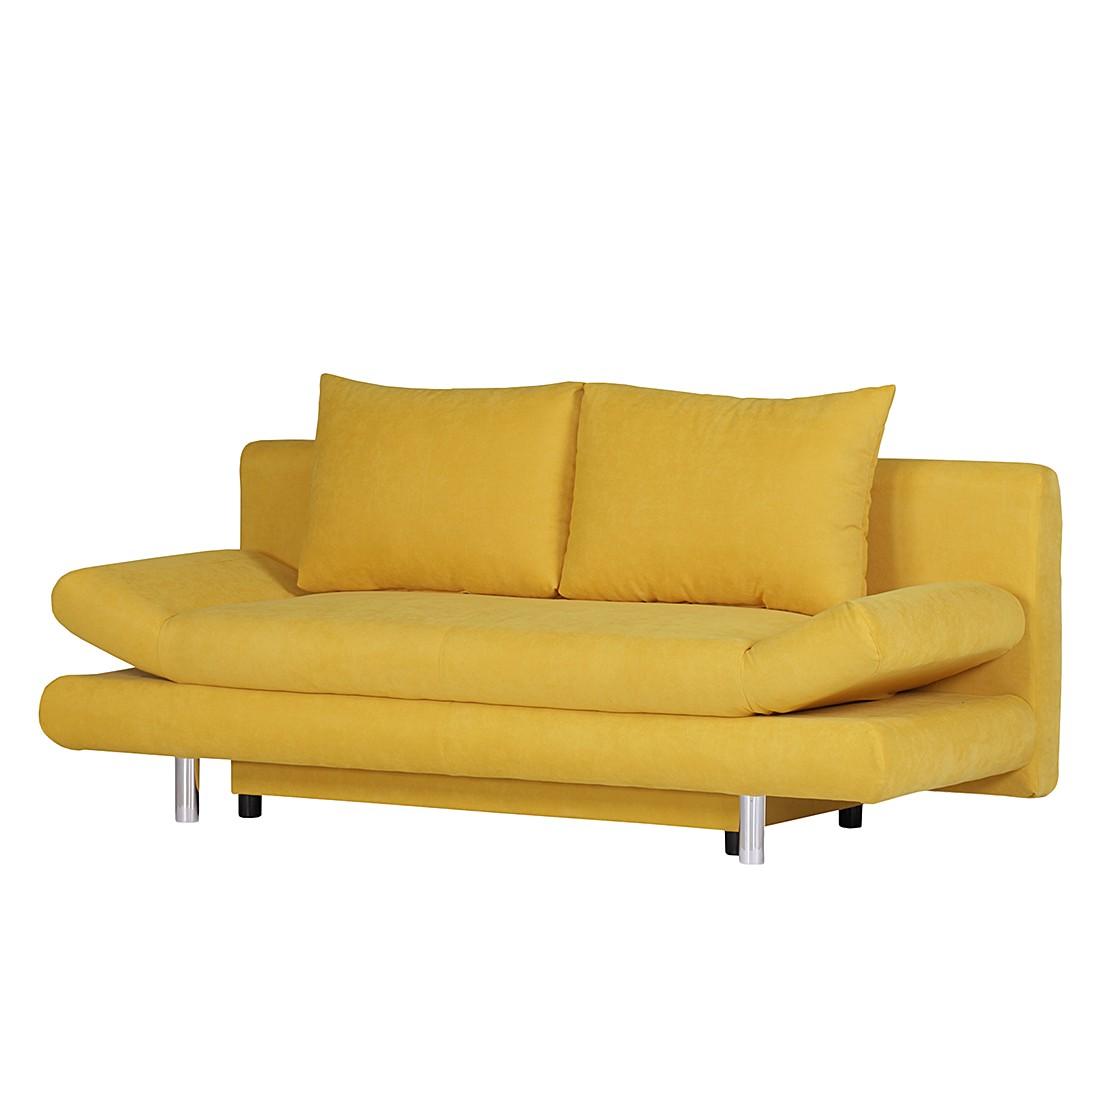 Canapé convertible Dina - Tissu jaune, Fredriks